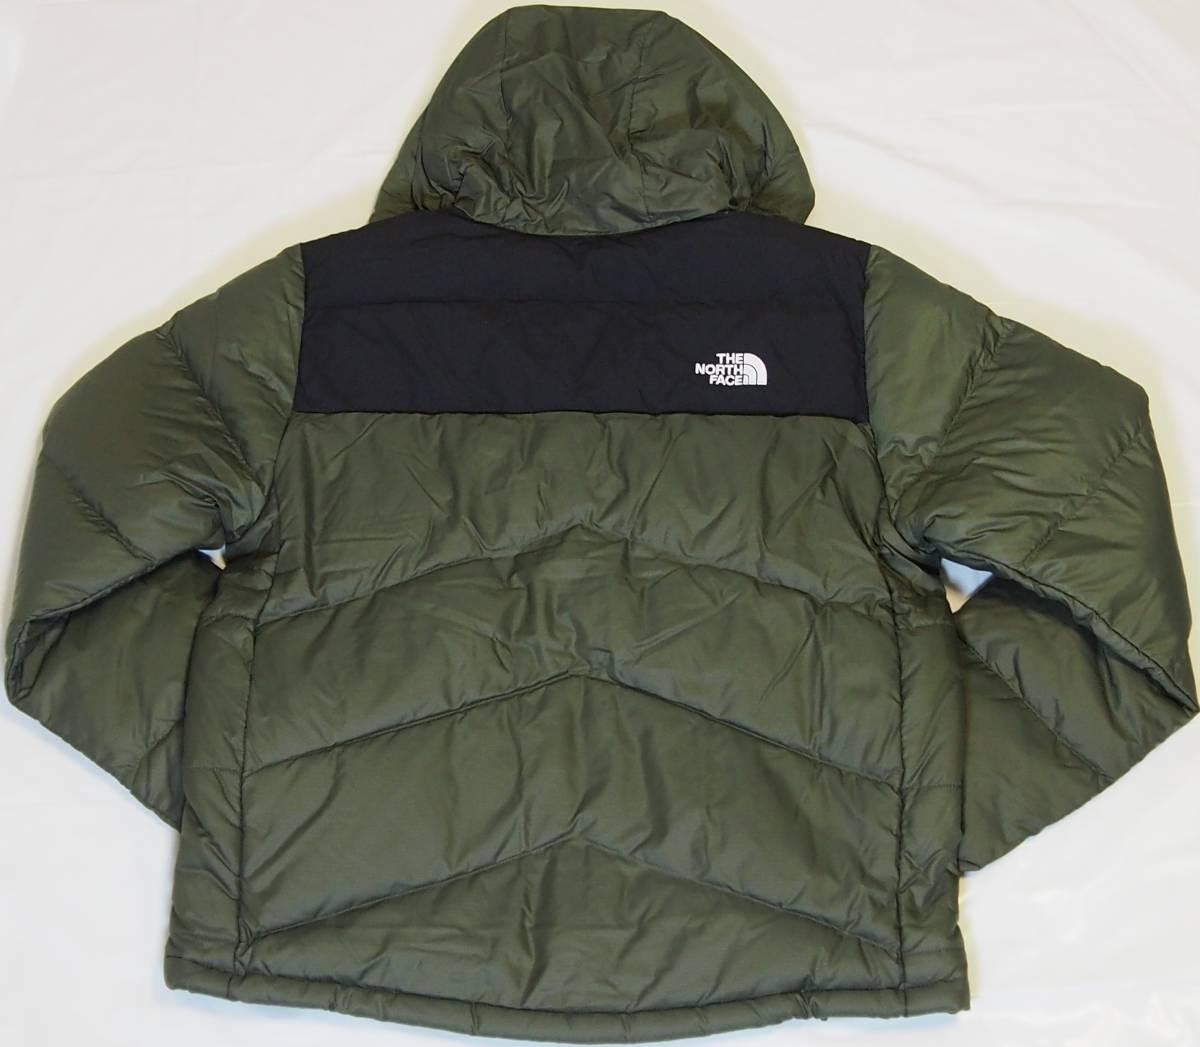 【USA購入、未使用タグ付】ノースフェイス Balham ダウンジャケット メンズ M グリーン Balham Down Jacket NEW TAUPE GREEN MATTE_画像3